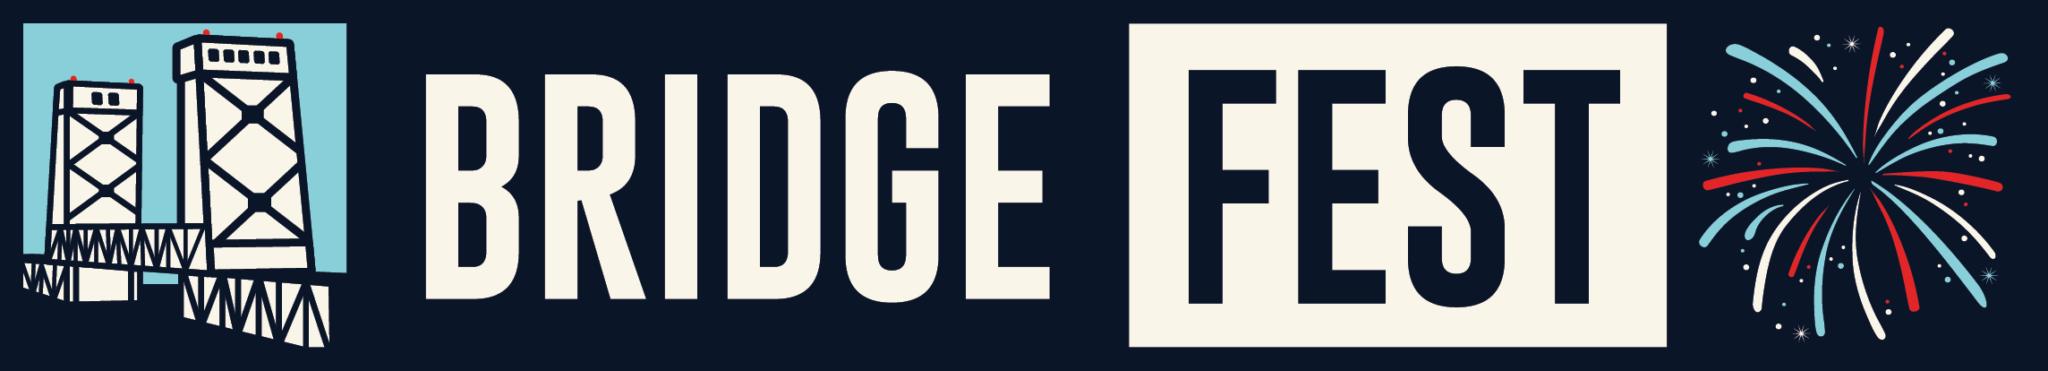 BridgefestWebsiteLogo_NoDate-2048x371